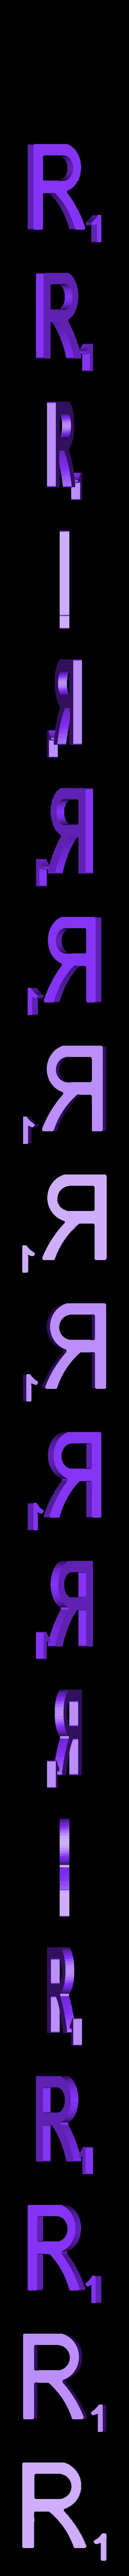 Dual_Letter_R.STL Télécharger fichier STL gratuit Pièces et support SCRABBBLE • Design pour imprimante 3D, Balkhagal4D